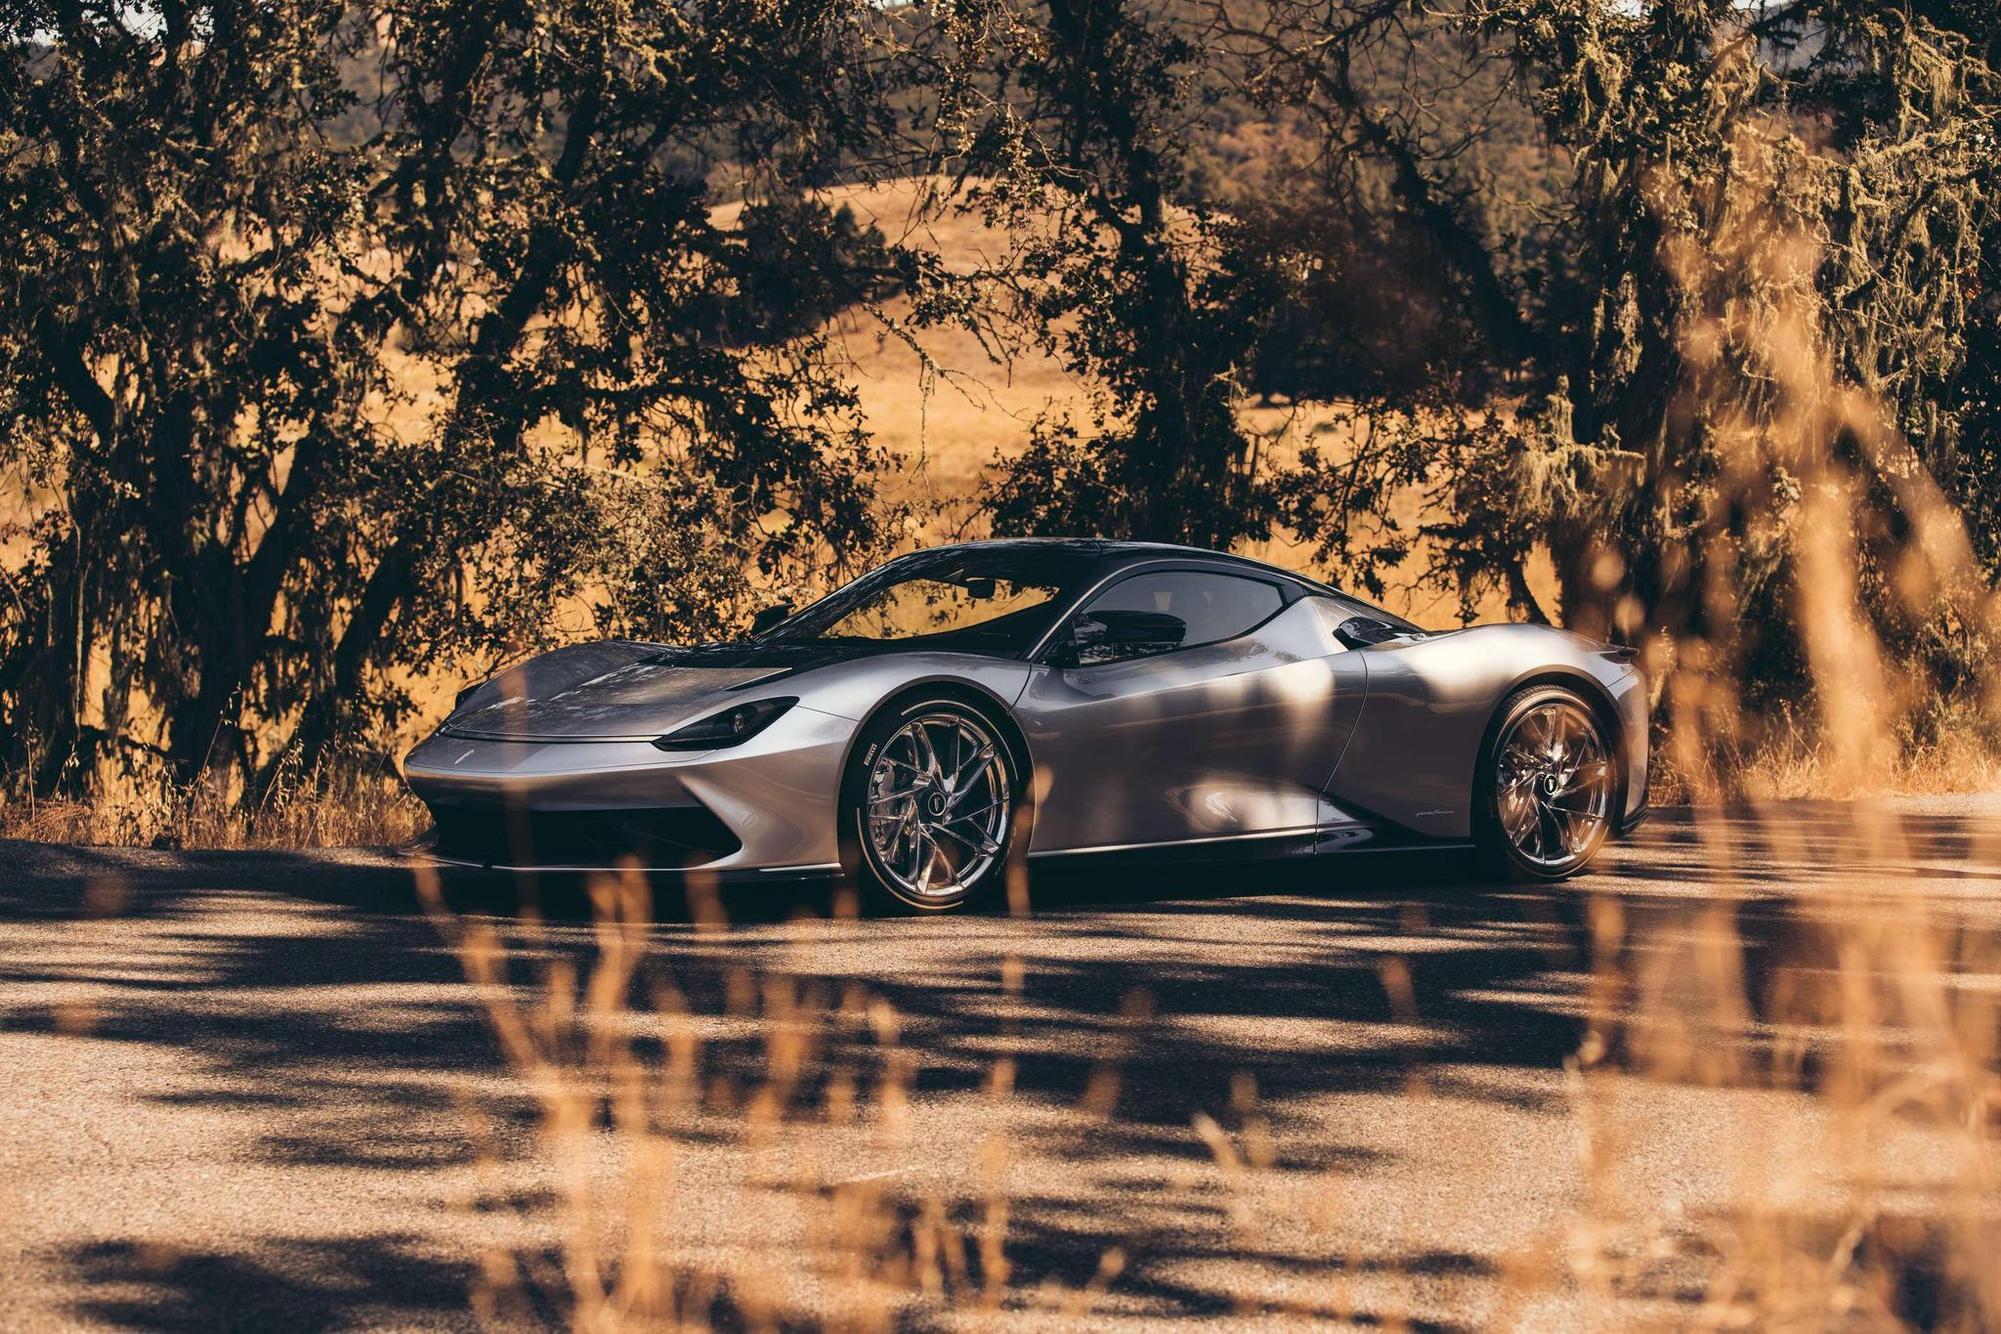 Pininfarina Battista. Pininfarina sait depuis longtemps à quoi doit ressembler une voiture rapide. La Battista atteint les 100 km/h en moins de deux secondes avec 1 900 ch (1 397 kW). 150 unités sont prévues, prix : environ deux millions d'euros. Automobili Pininfarina